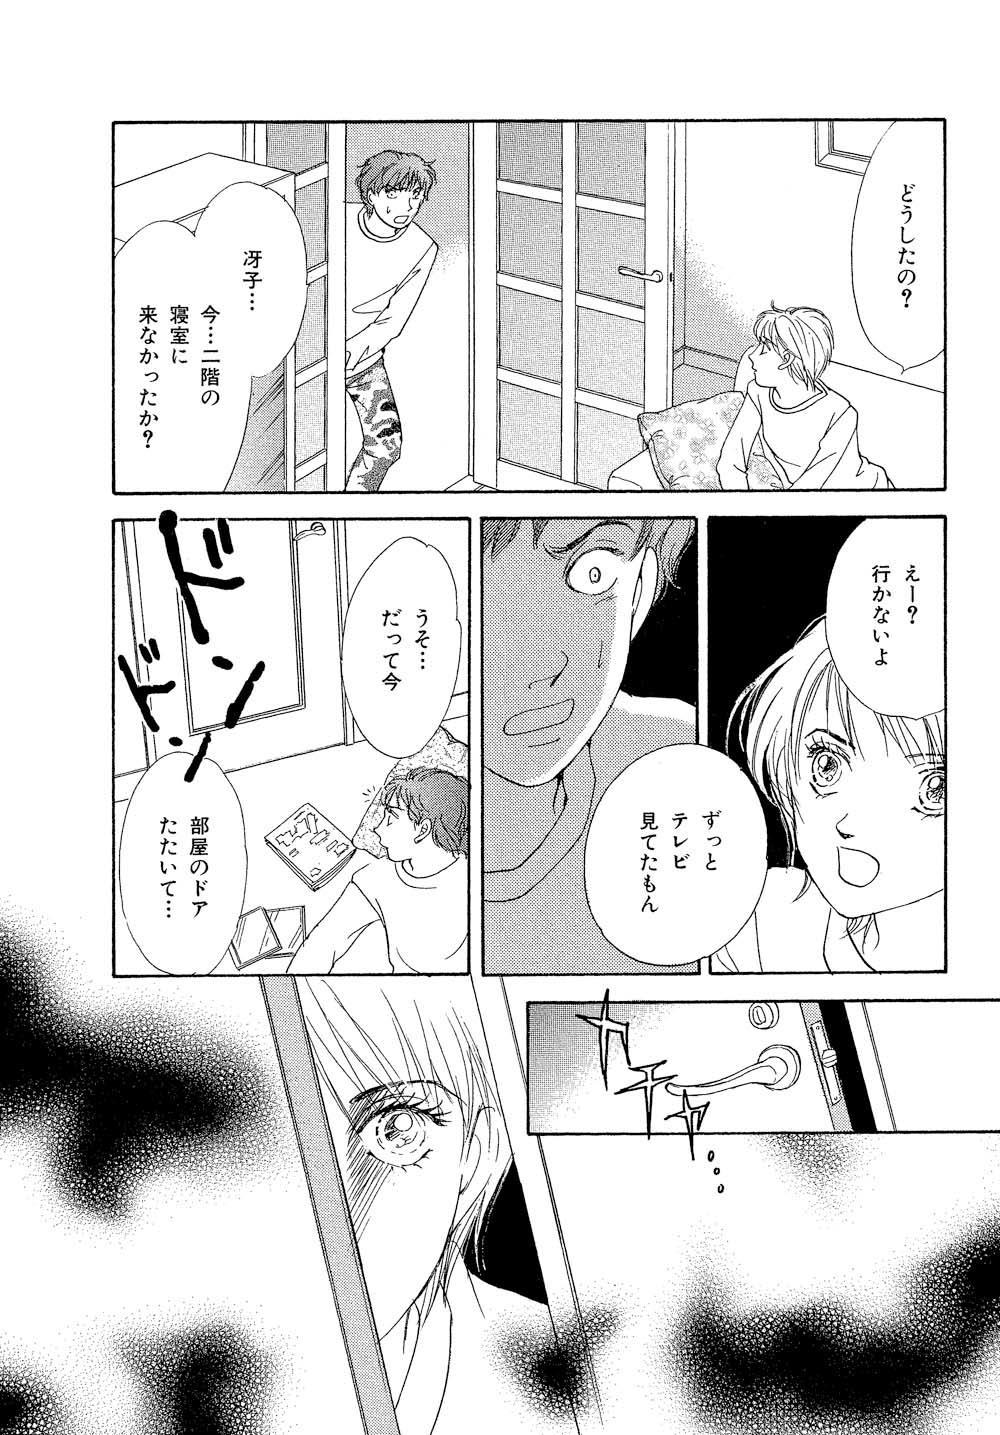 hakui_0001_0162.jpg